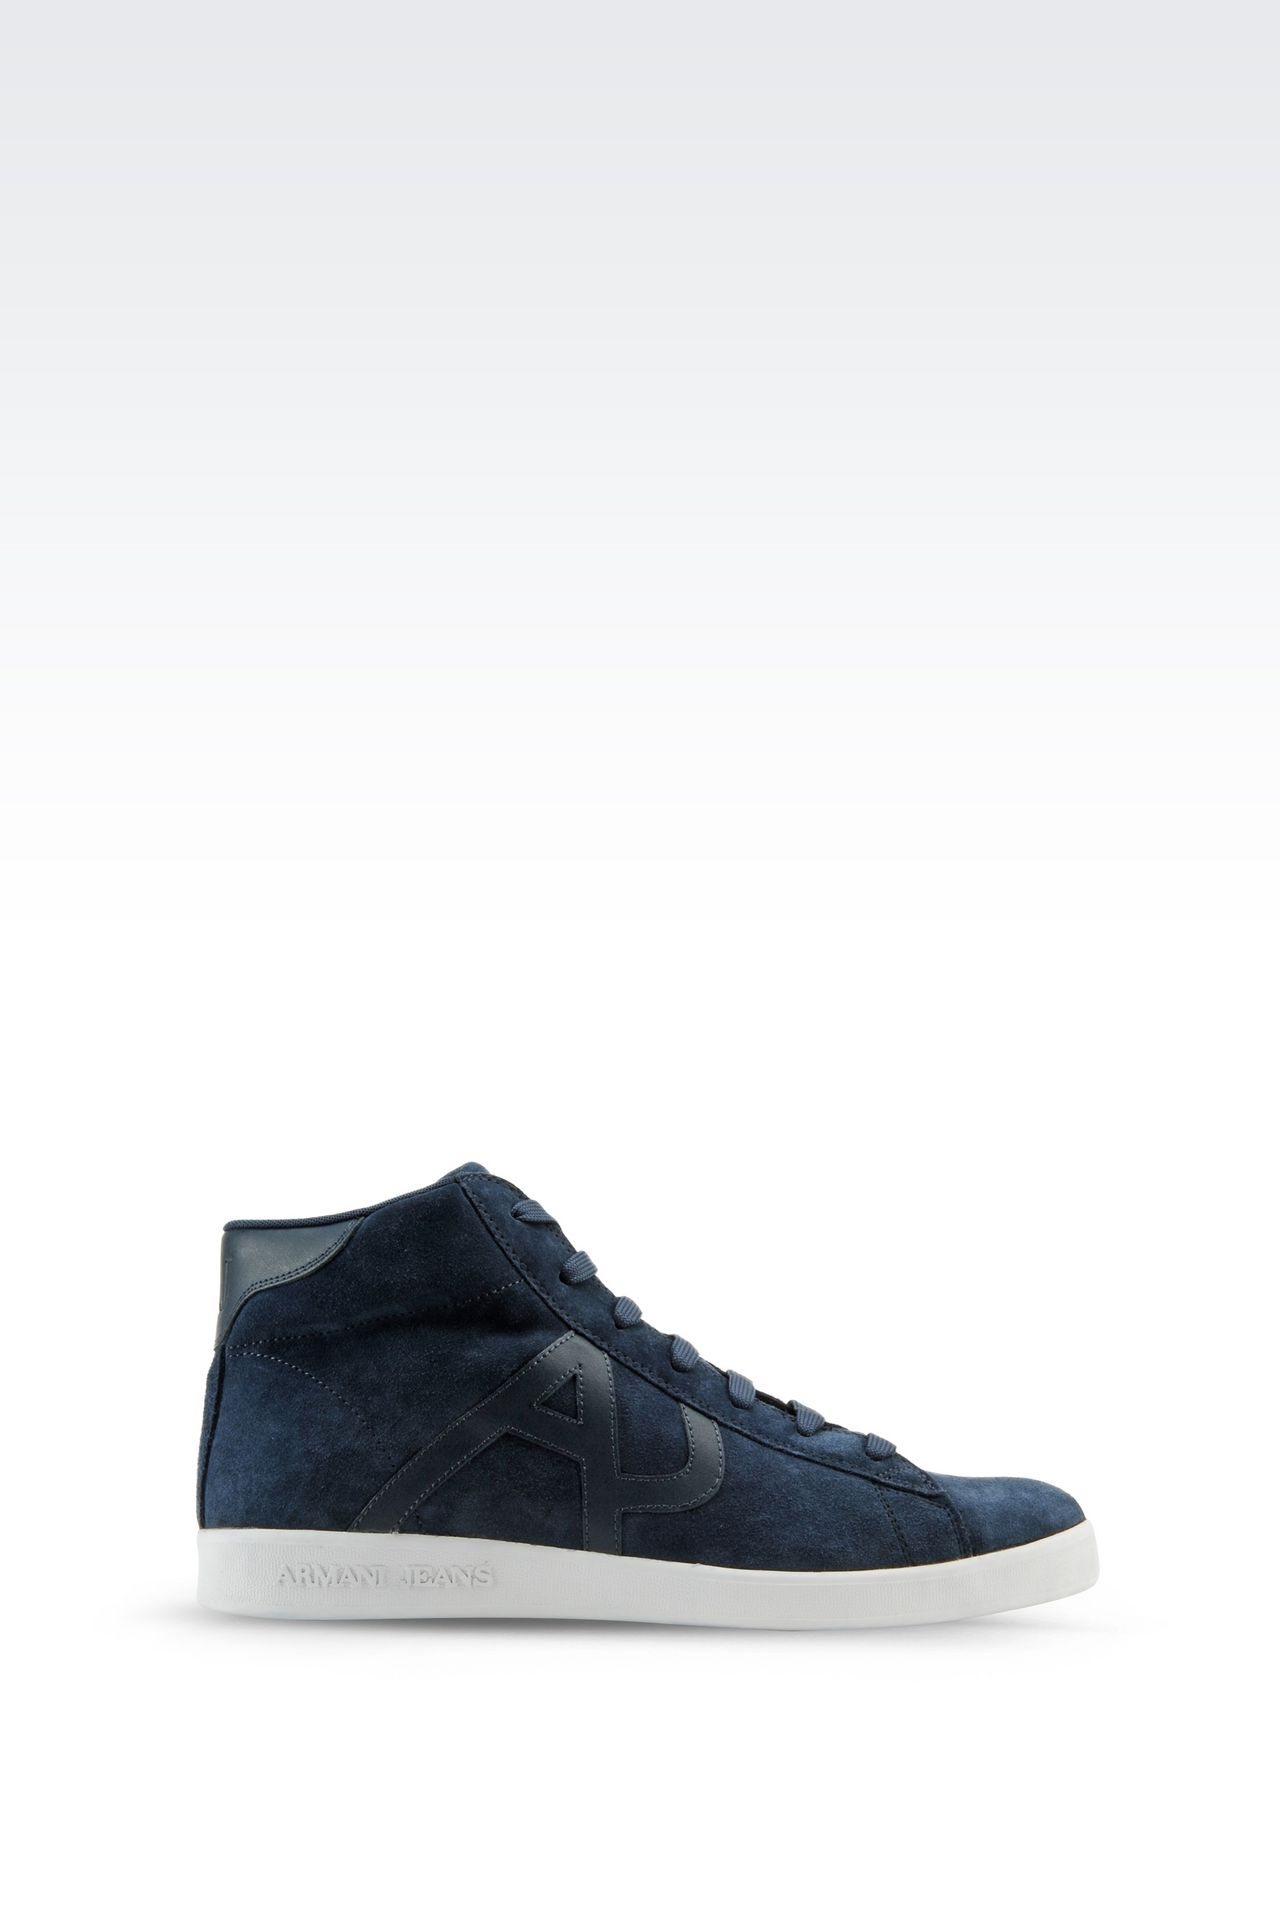 armani jeans men high top suede sneaker bovine. Black Bedroom Furniture Sets. Home Design Ideas